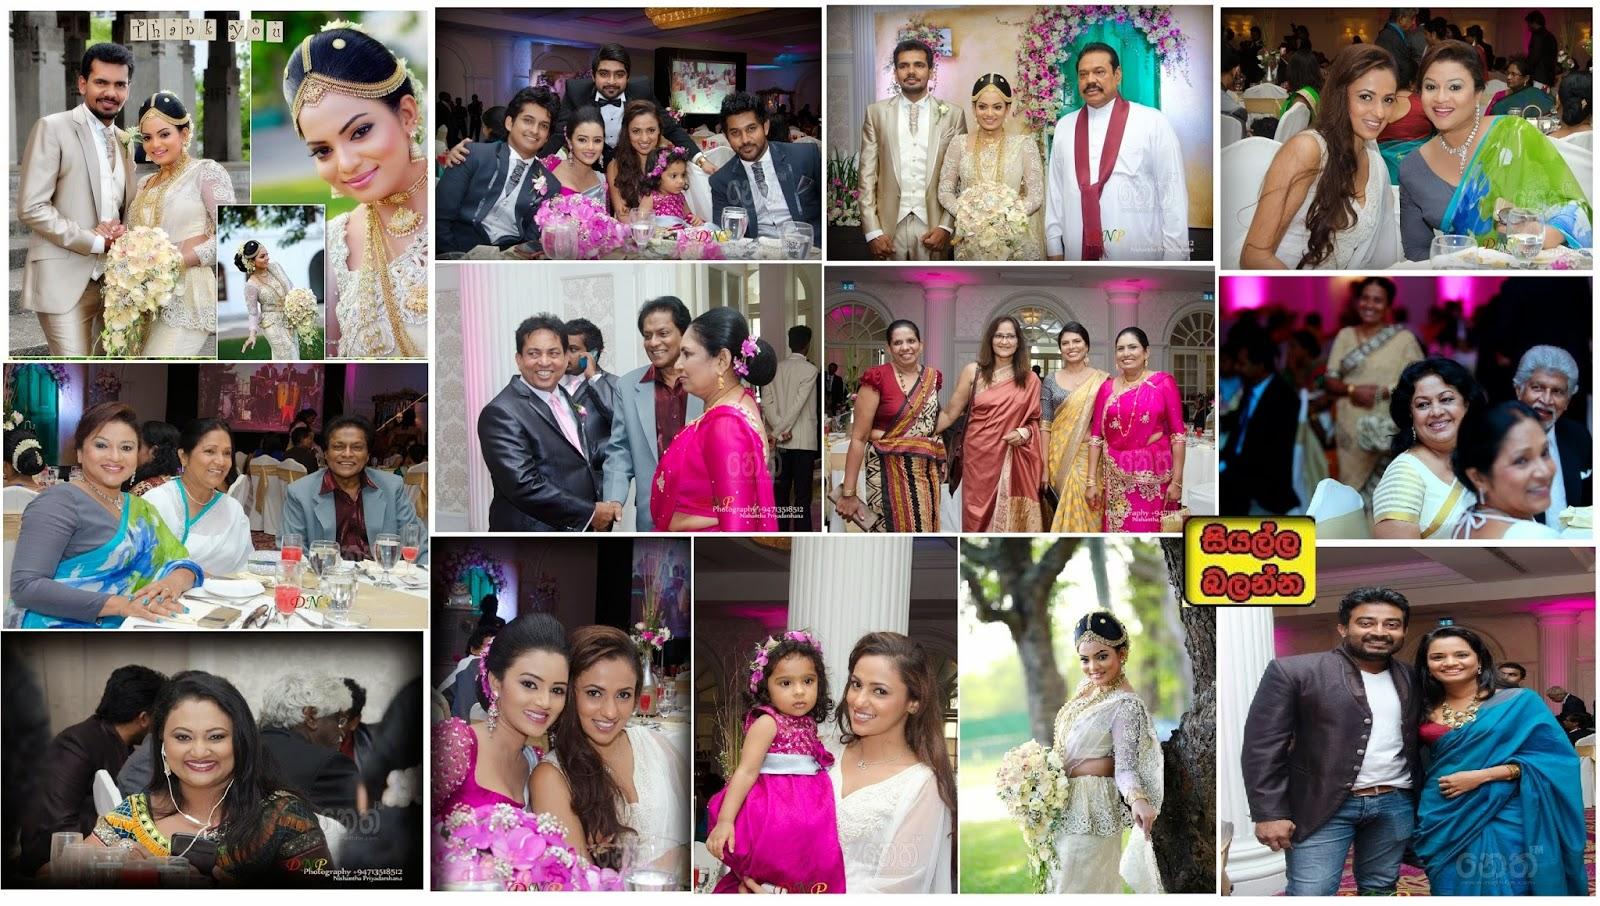 http://picture.gossiplankahotnews.com/2014/07/prathibha-hettiarachchis-wedding.html